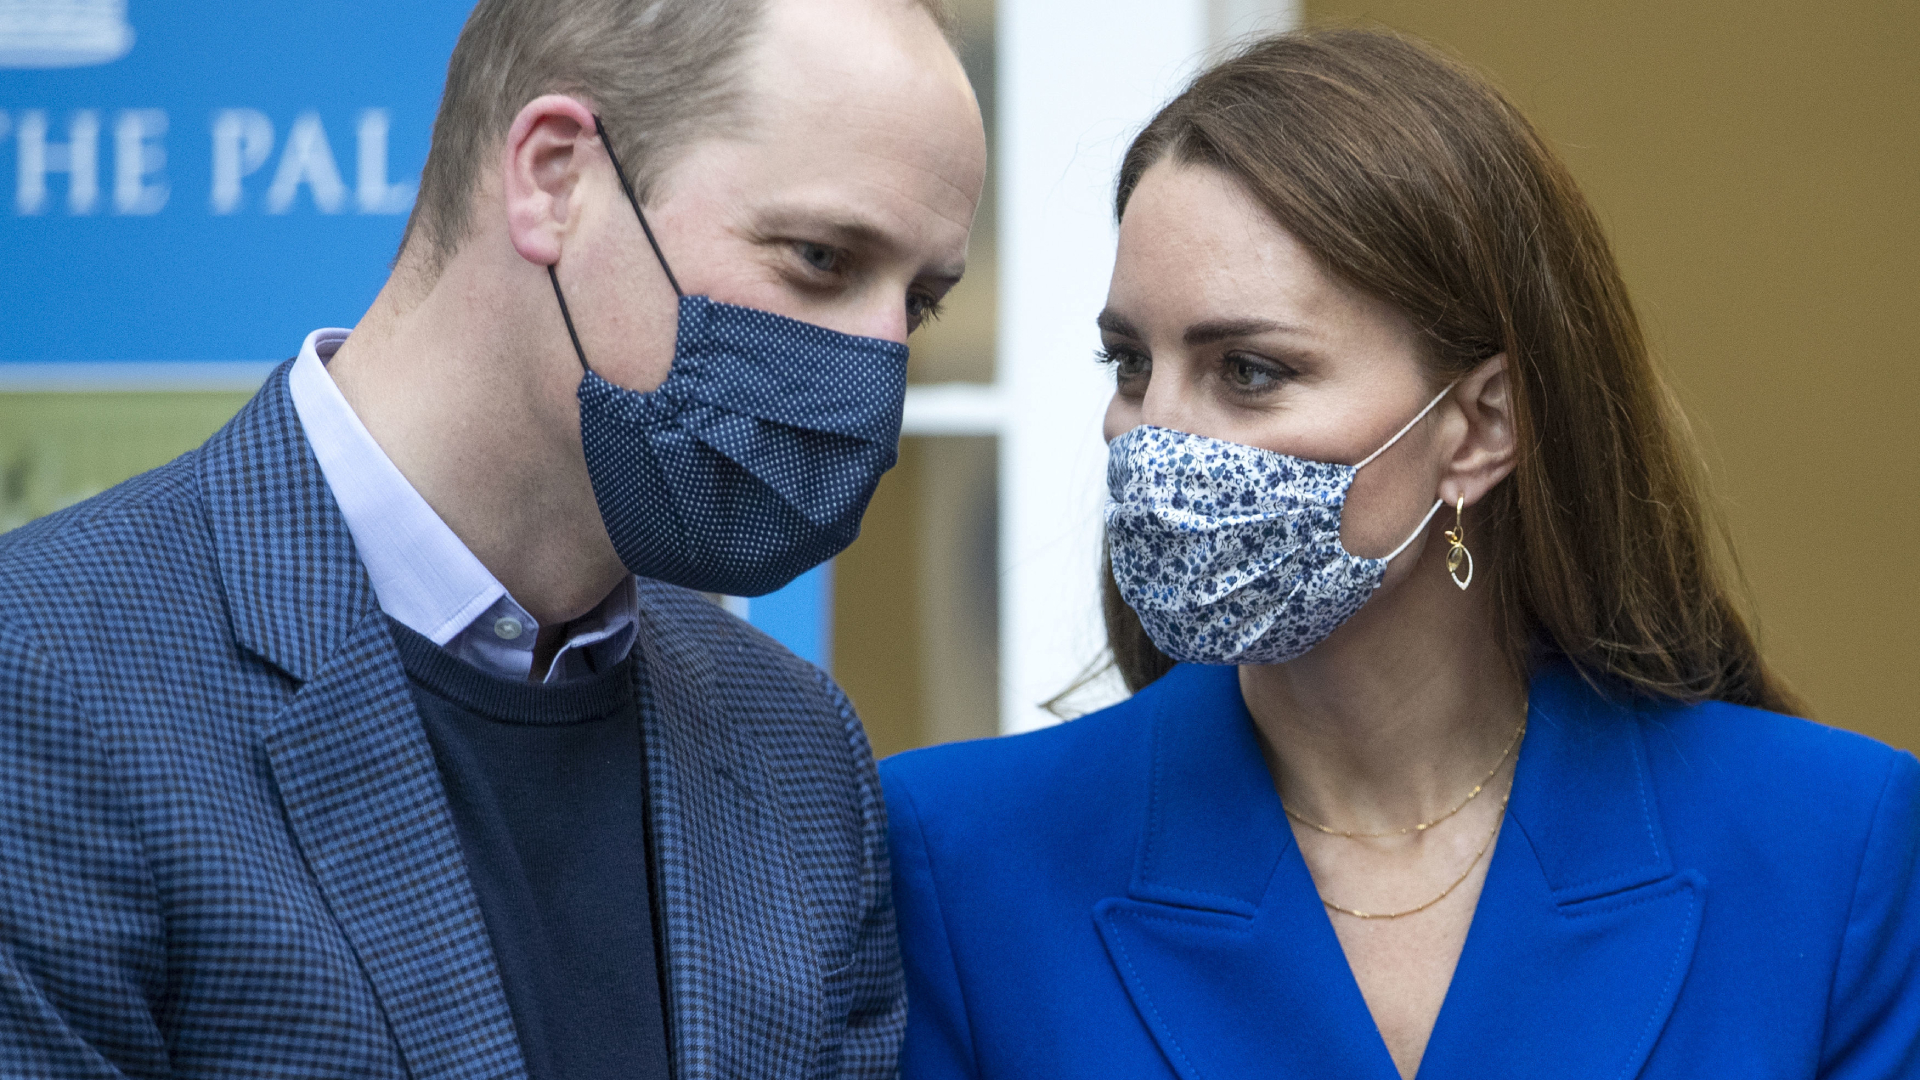 Vilmos herceg pénteken utazott Skóciába, Katalin hercegné hétfőn ment utána